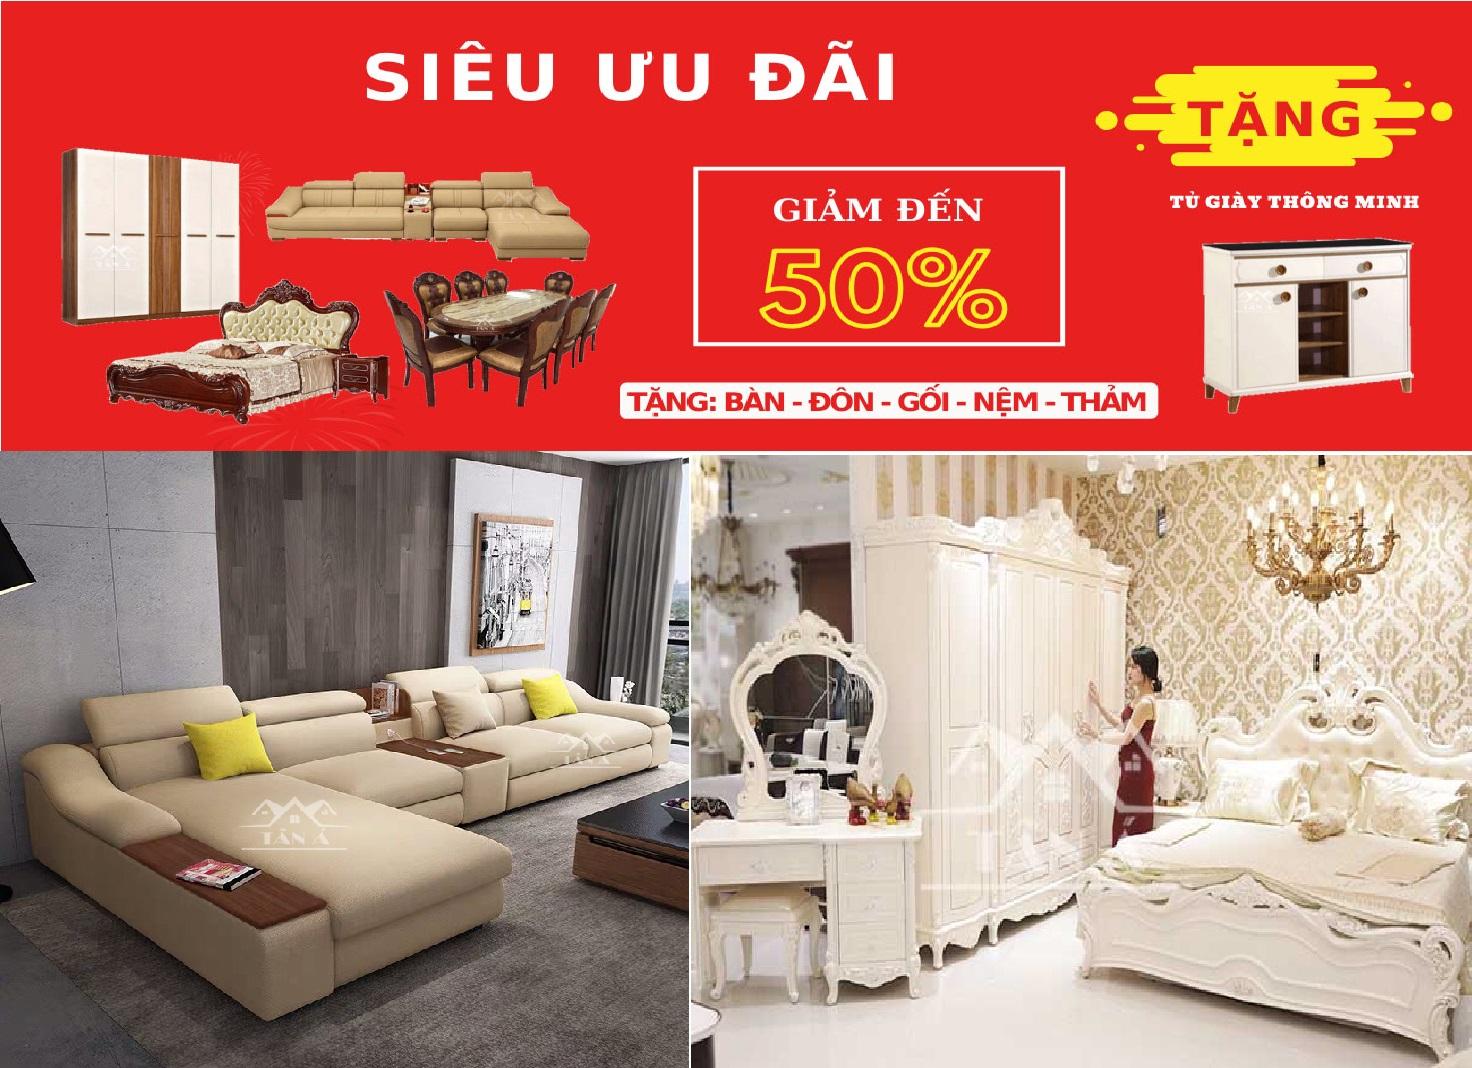 Sofa giá rẻ Sóc Trăng - Nội thất Tân Á